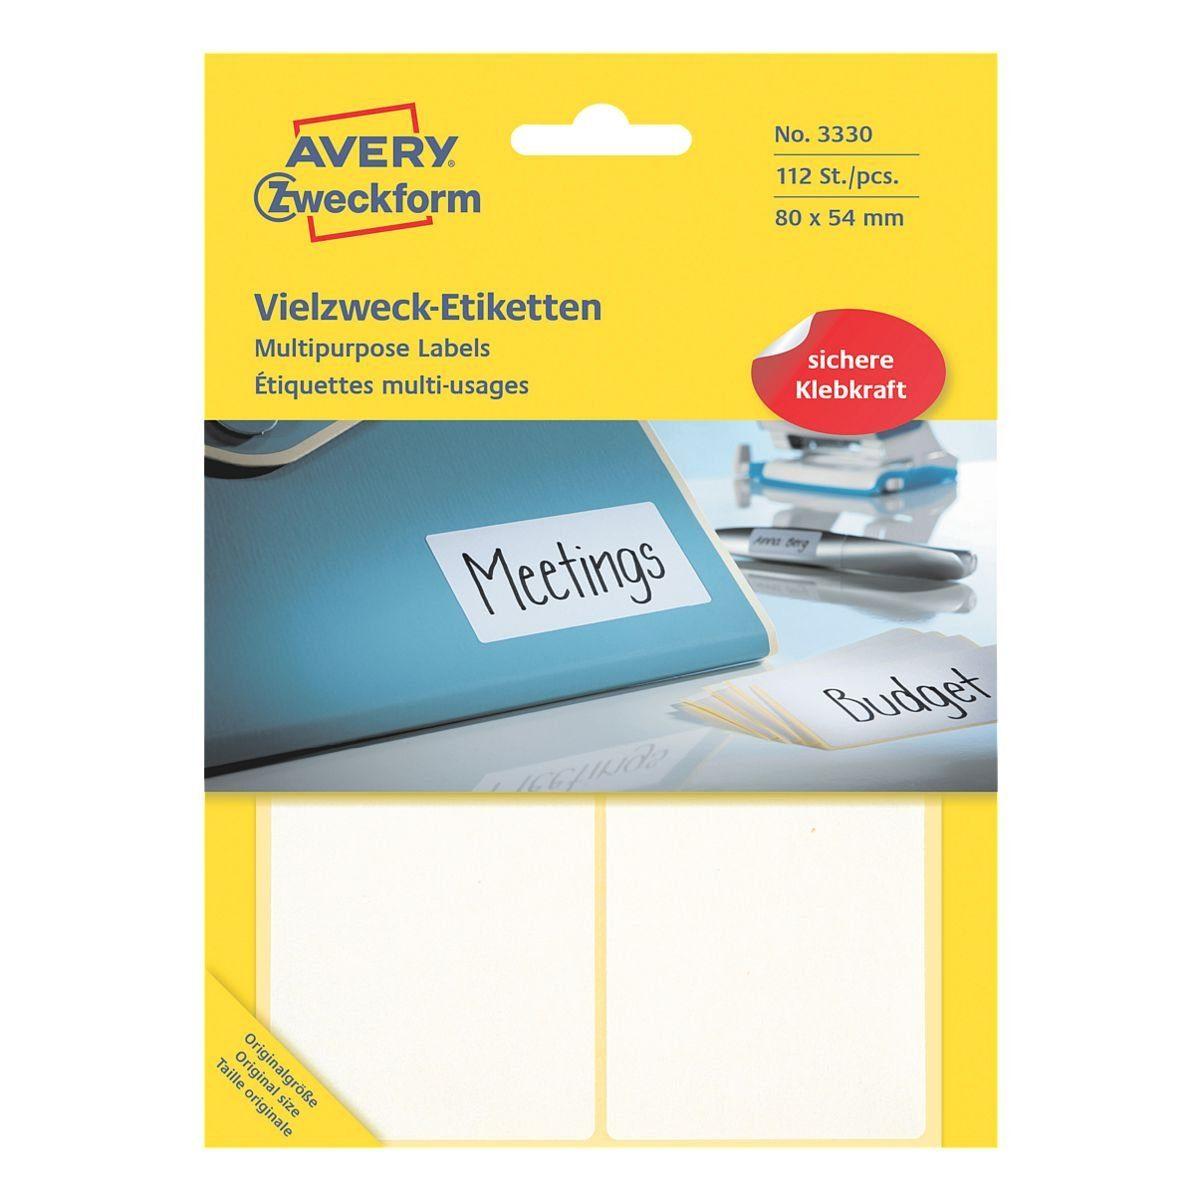 Avery Zweckform 112er-Pack Vielzweck-Etiketten »3330«